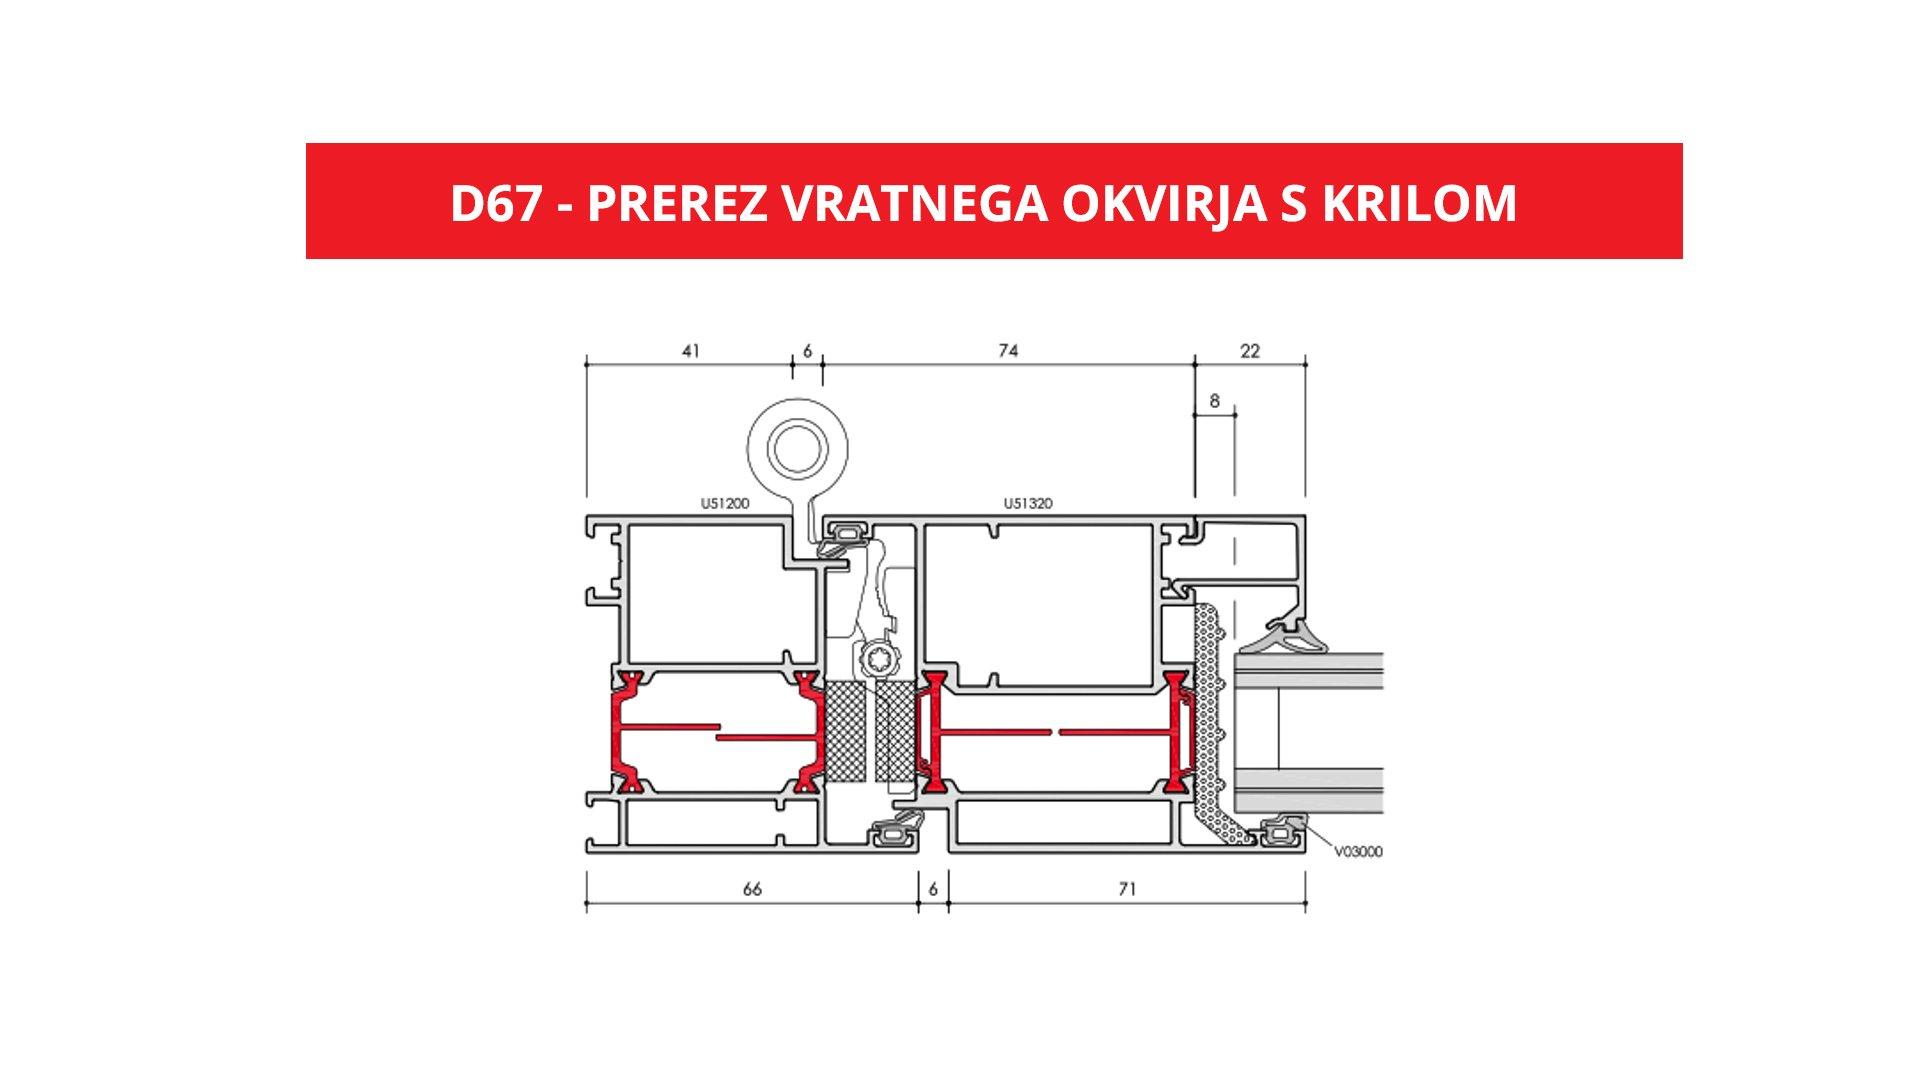 D67 prerez